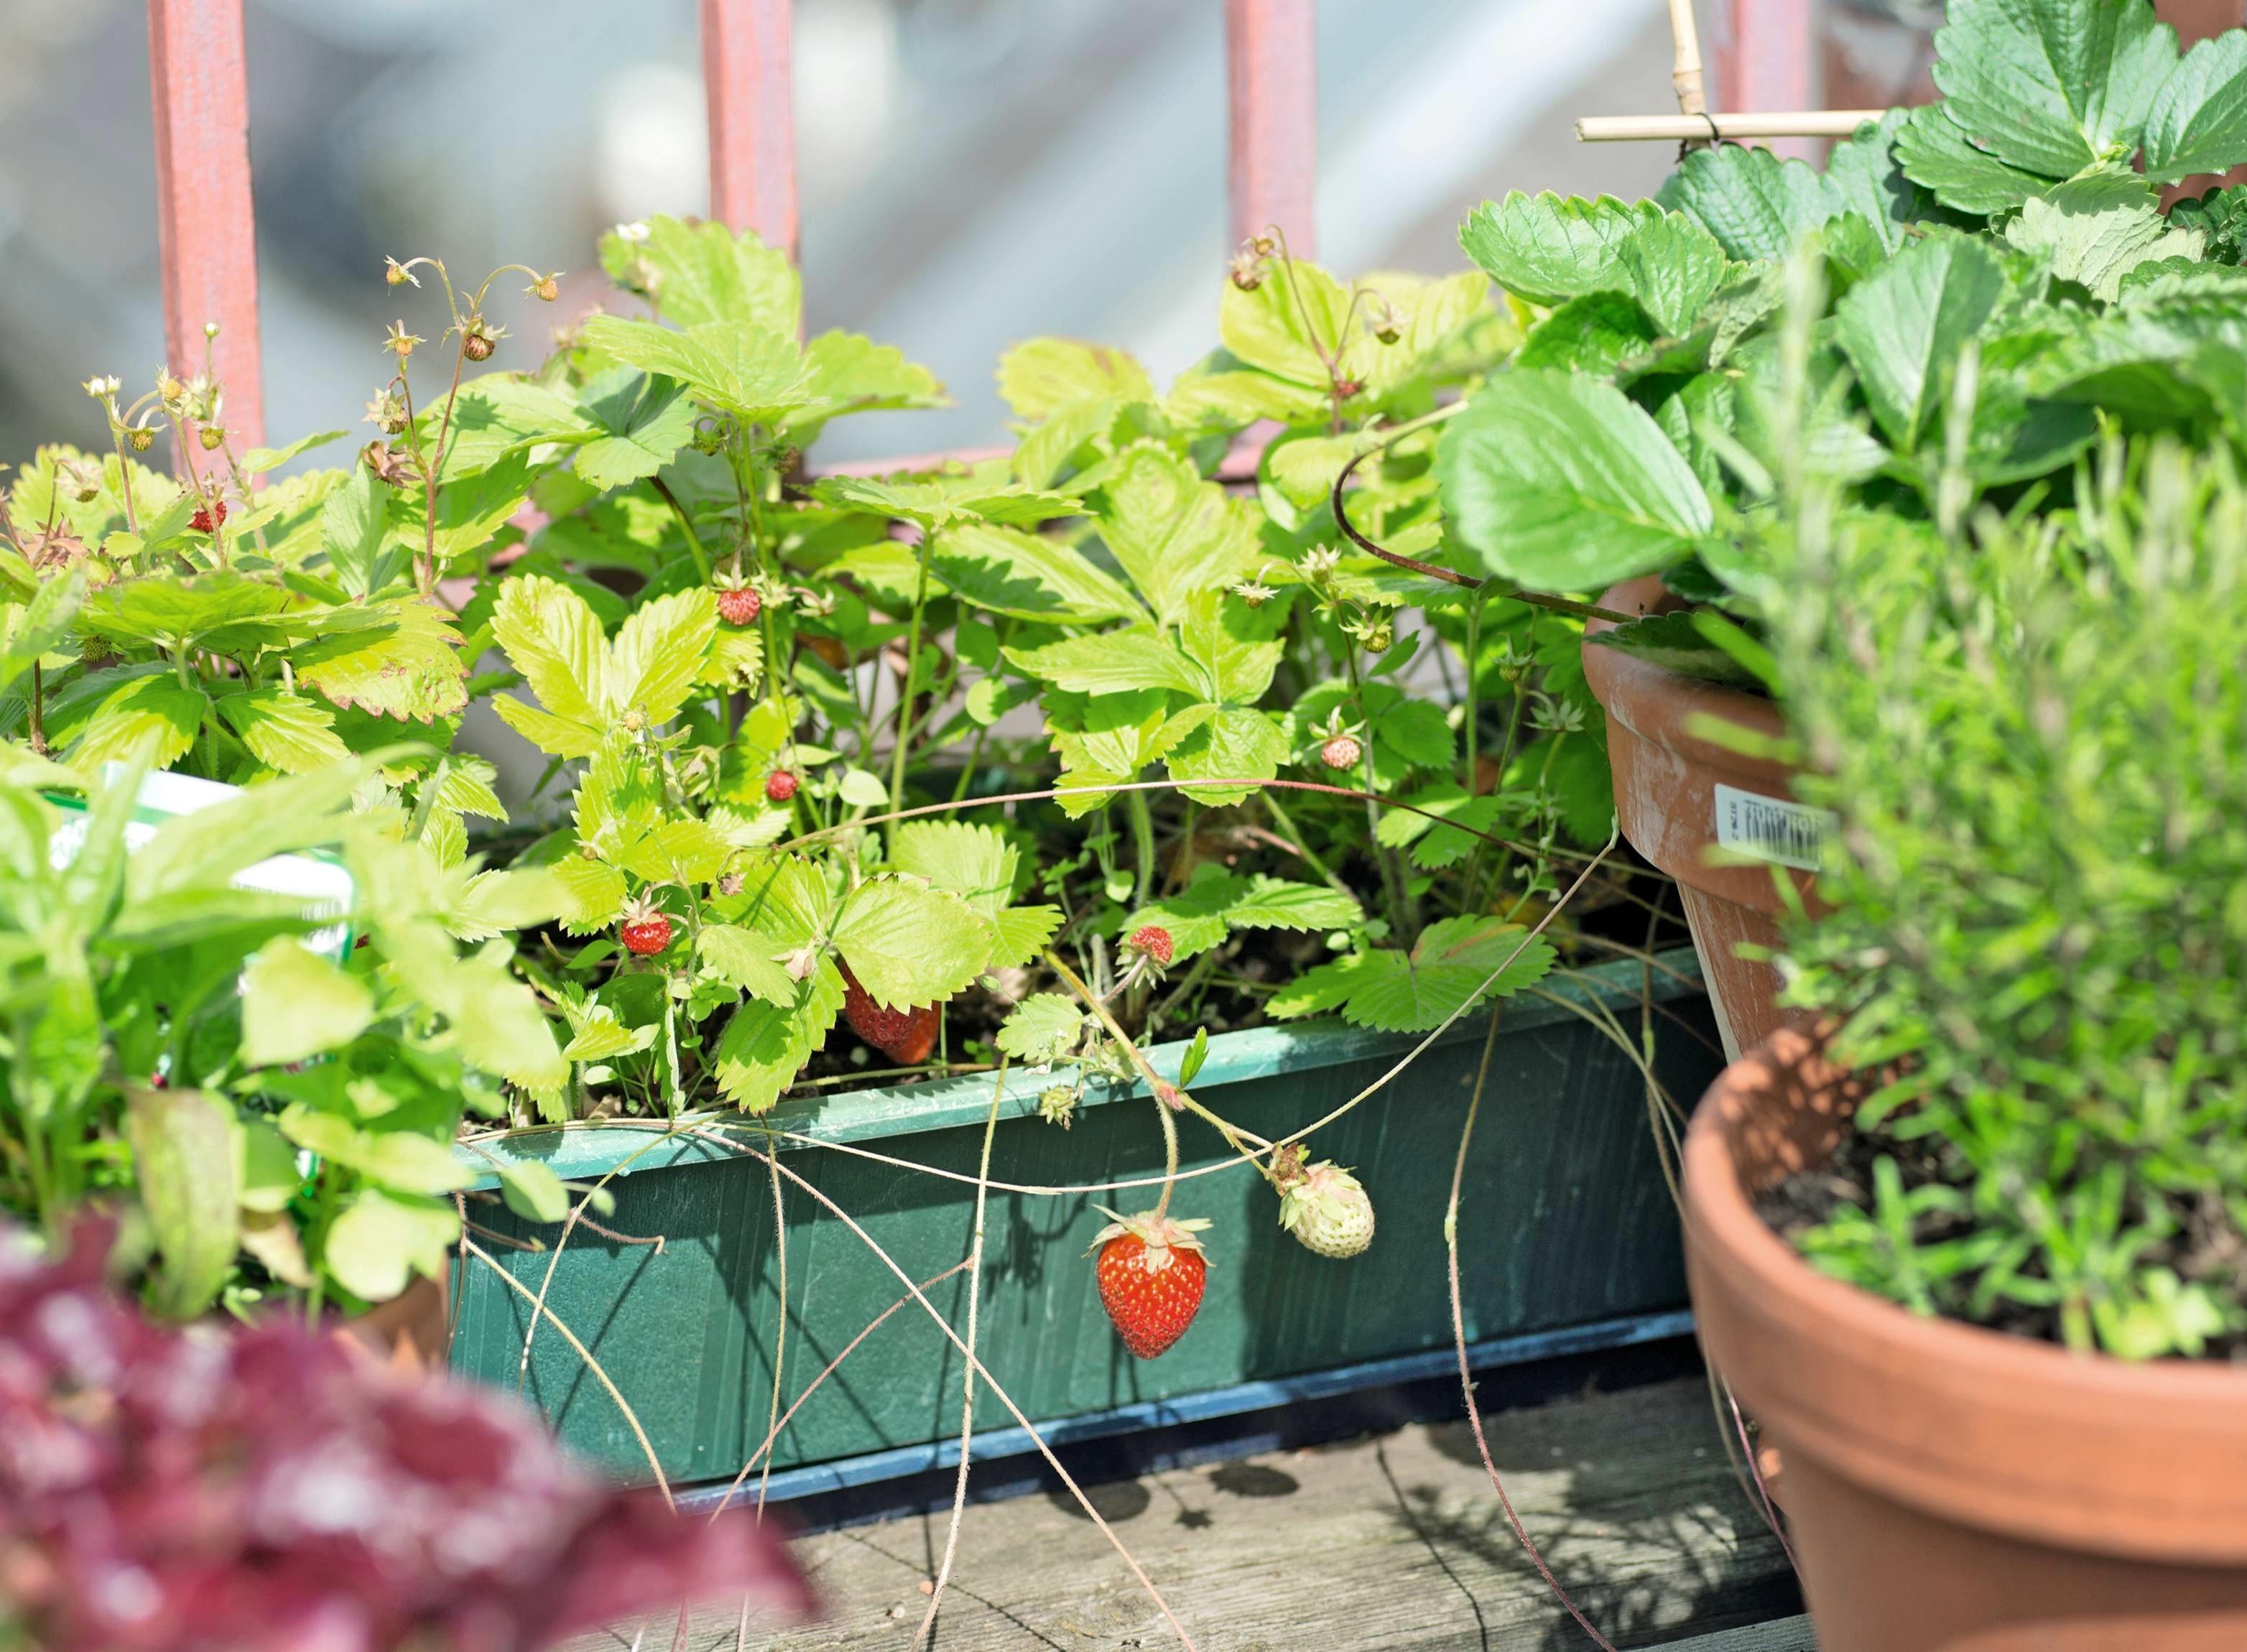 Gärtnern ohne Garten: Wie sich Naschobst- und Gemüse auf Balkon und Terrasse anbauen lässt.